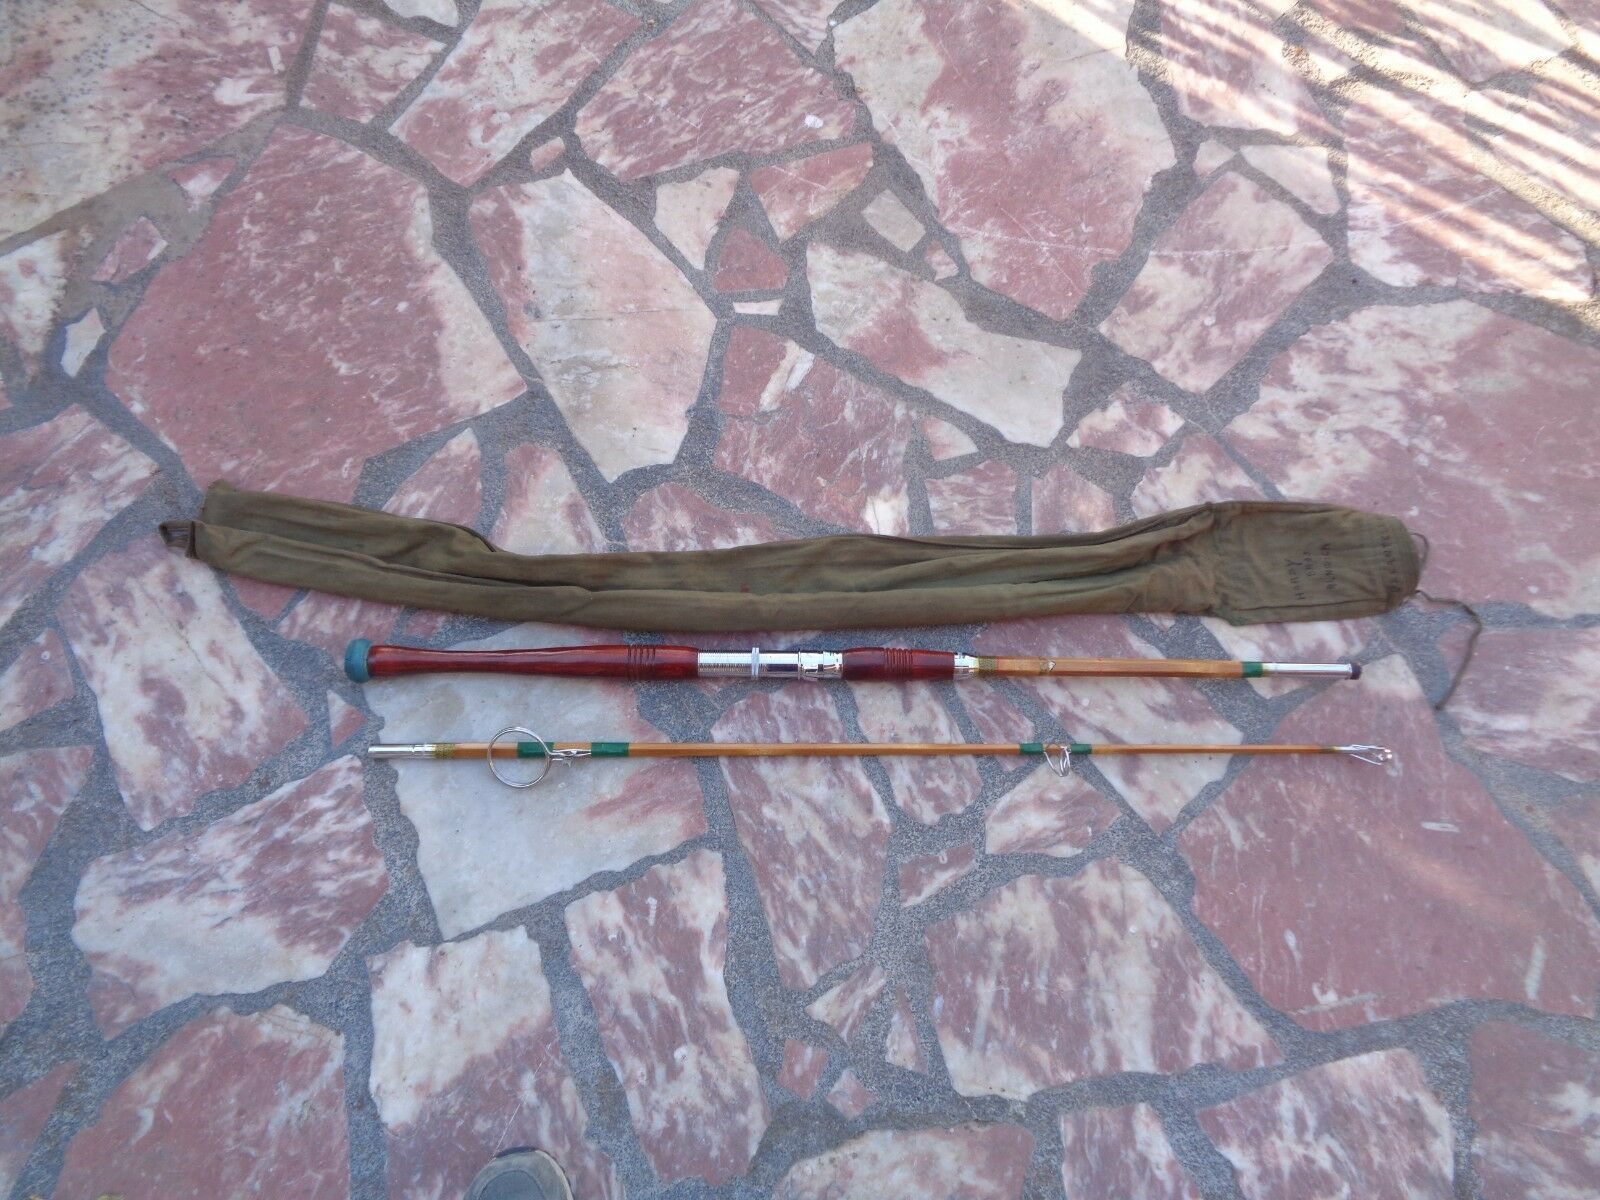 Ancienne canne à pêche de Traine blu ROBIN Bambou refendu Très RARE SUPERBE Mer